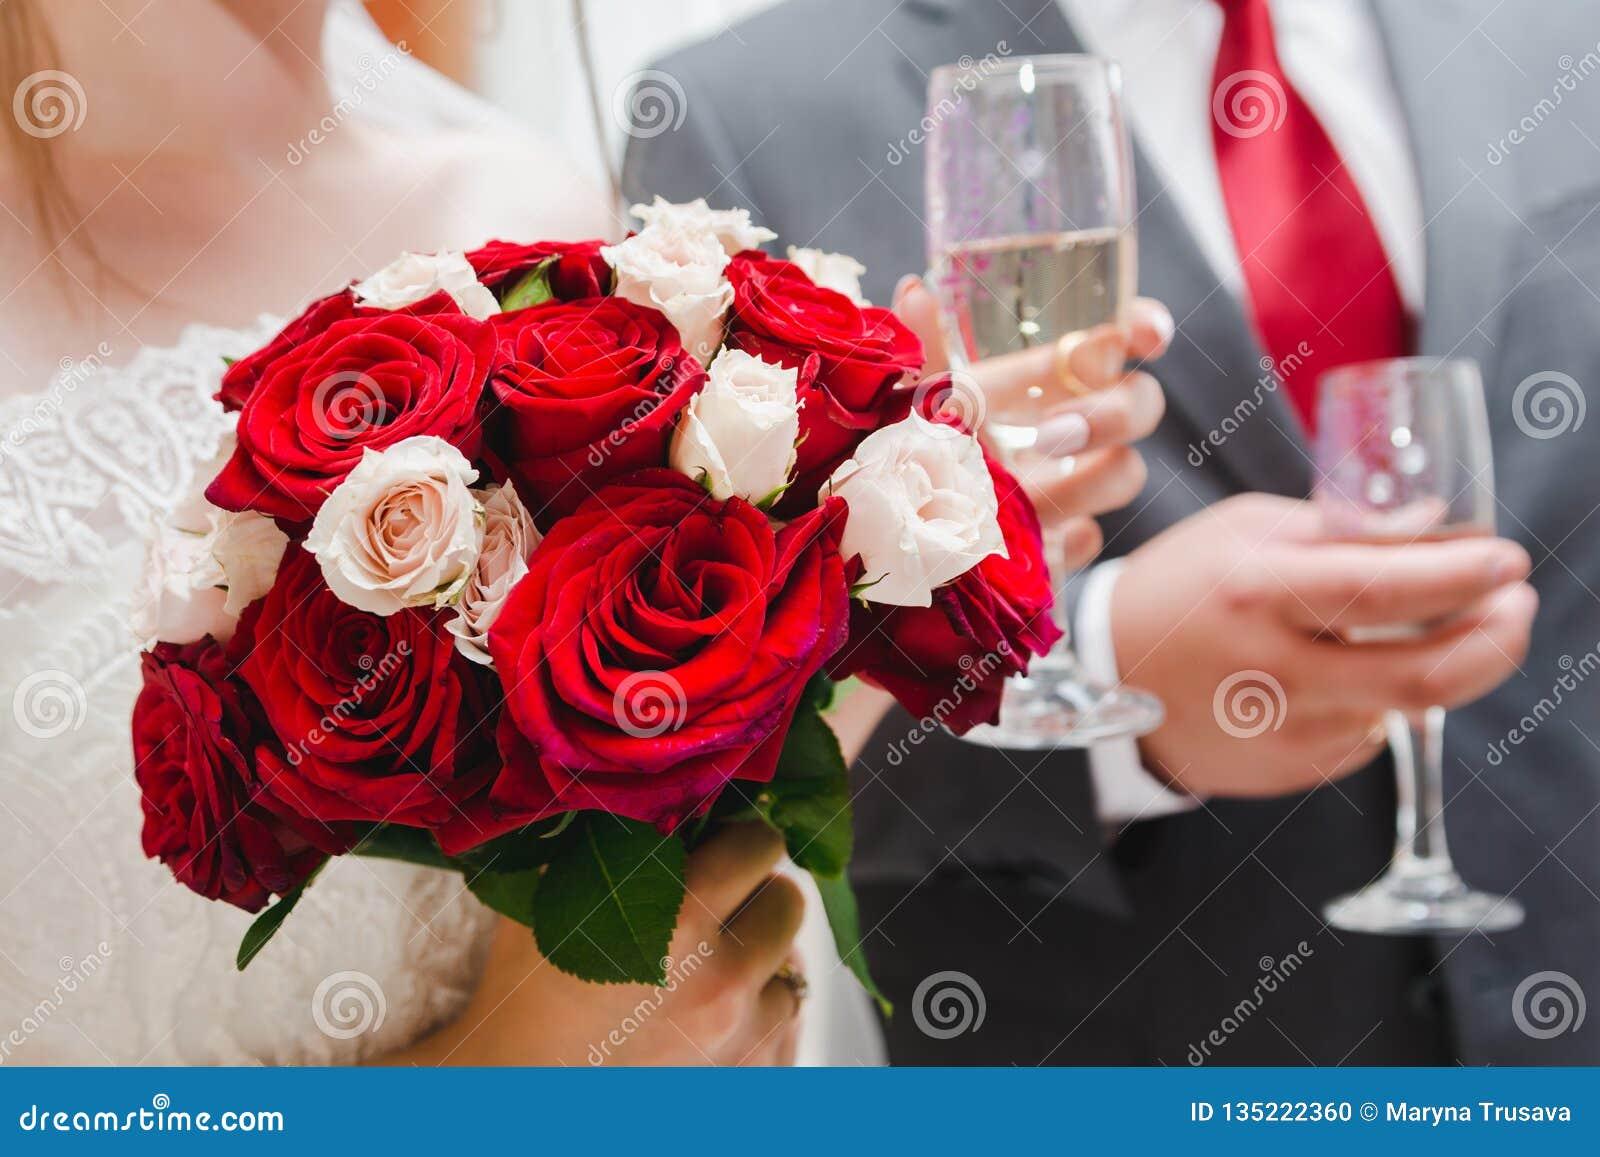 Ślubny bukiet czerwone, białe róże w ręce i ręka